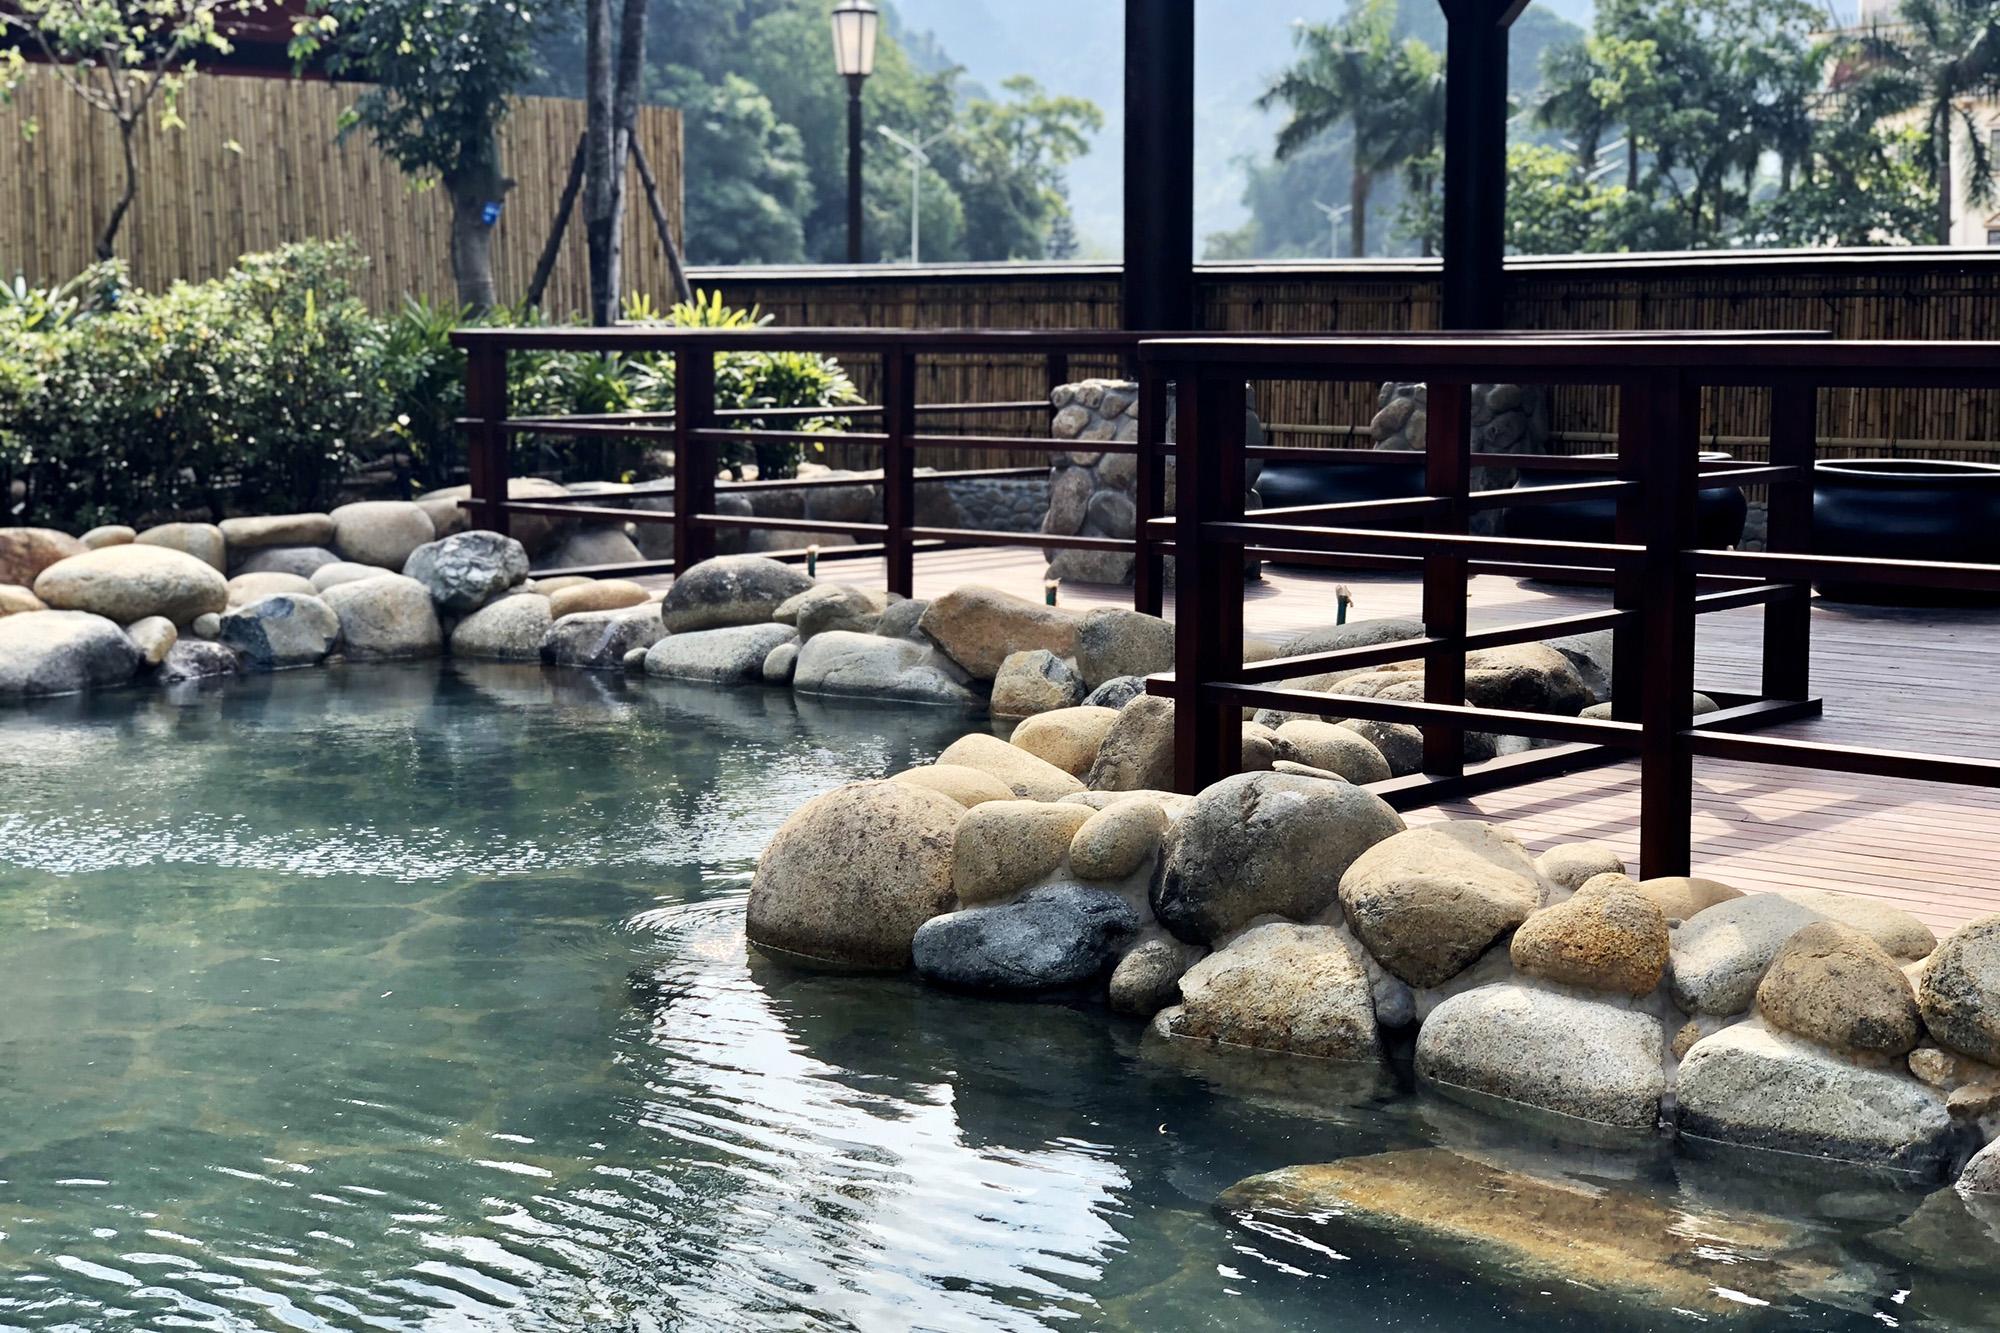 Sun Group muốn tài trợ lập quy hoạch KĐT nghỉ dưỡng khoáng nóng tại Thanh Hóa - Ảnh 1.